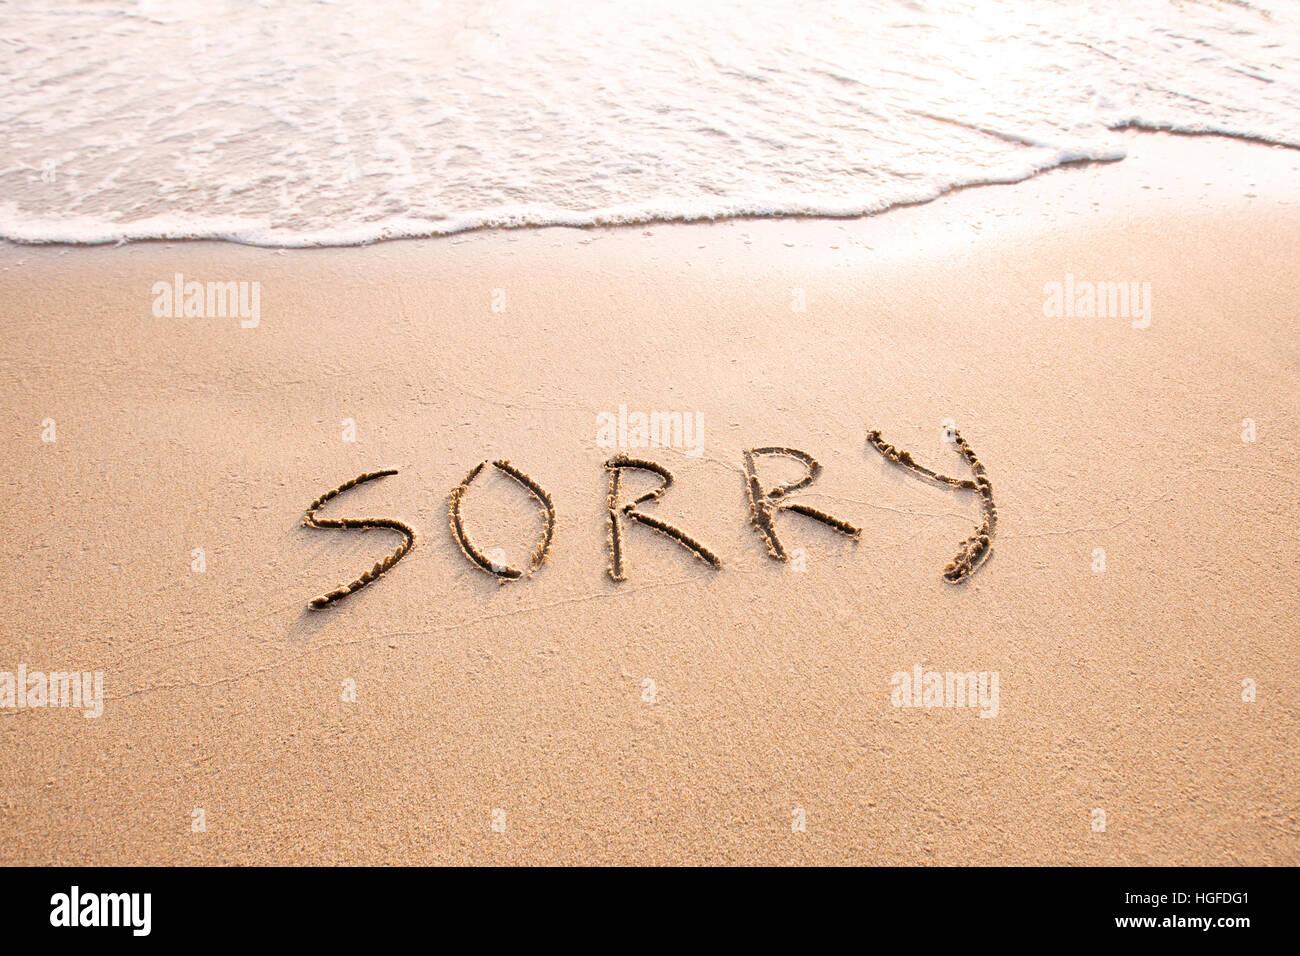 Es tut mir leid entschuldigung video